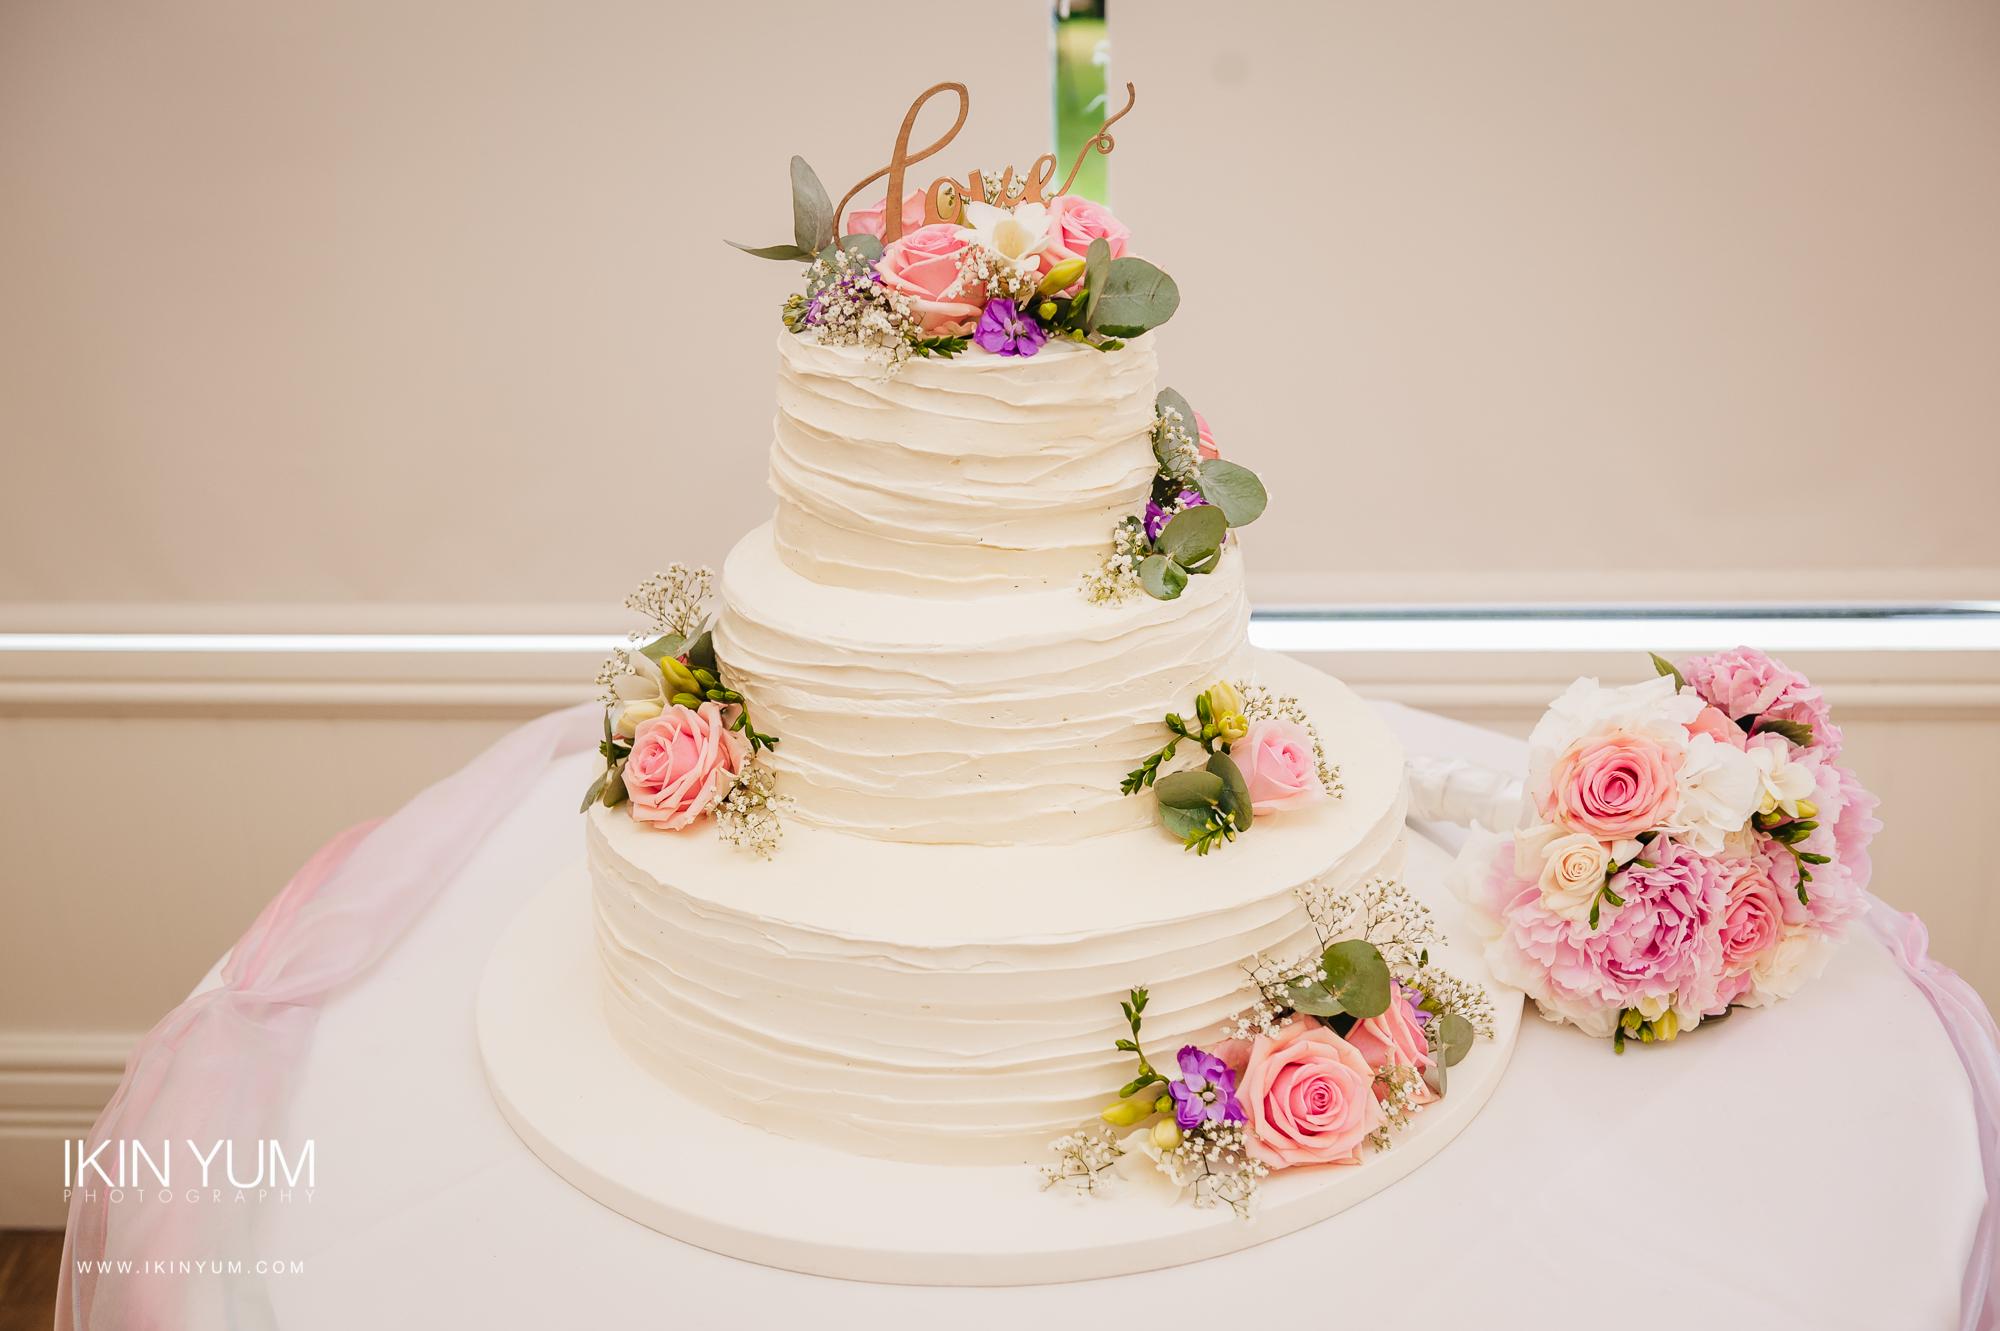 Sylvianne & Chun Wedding Day - Ikin Yum Photography-105.jpg